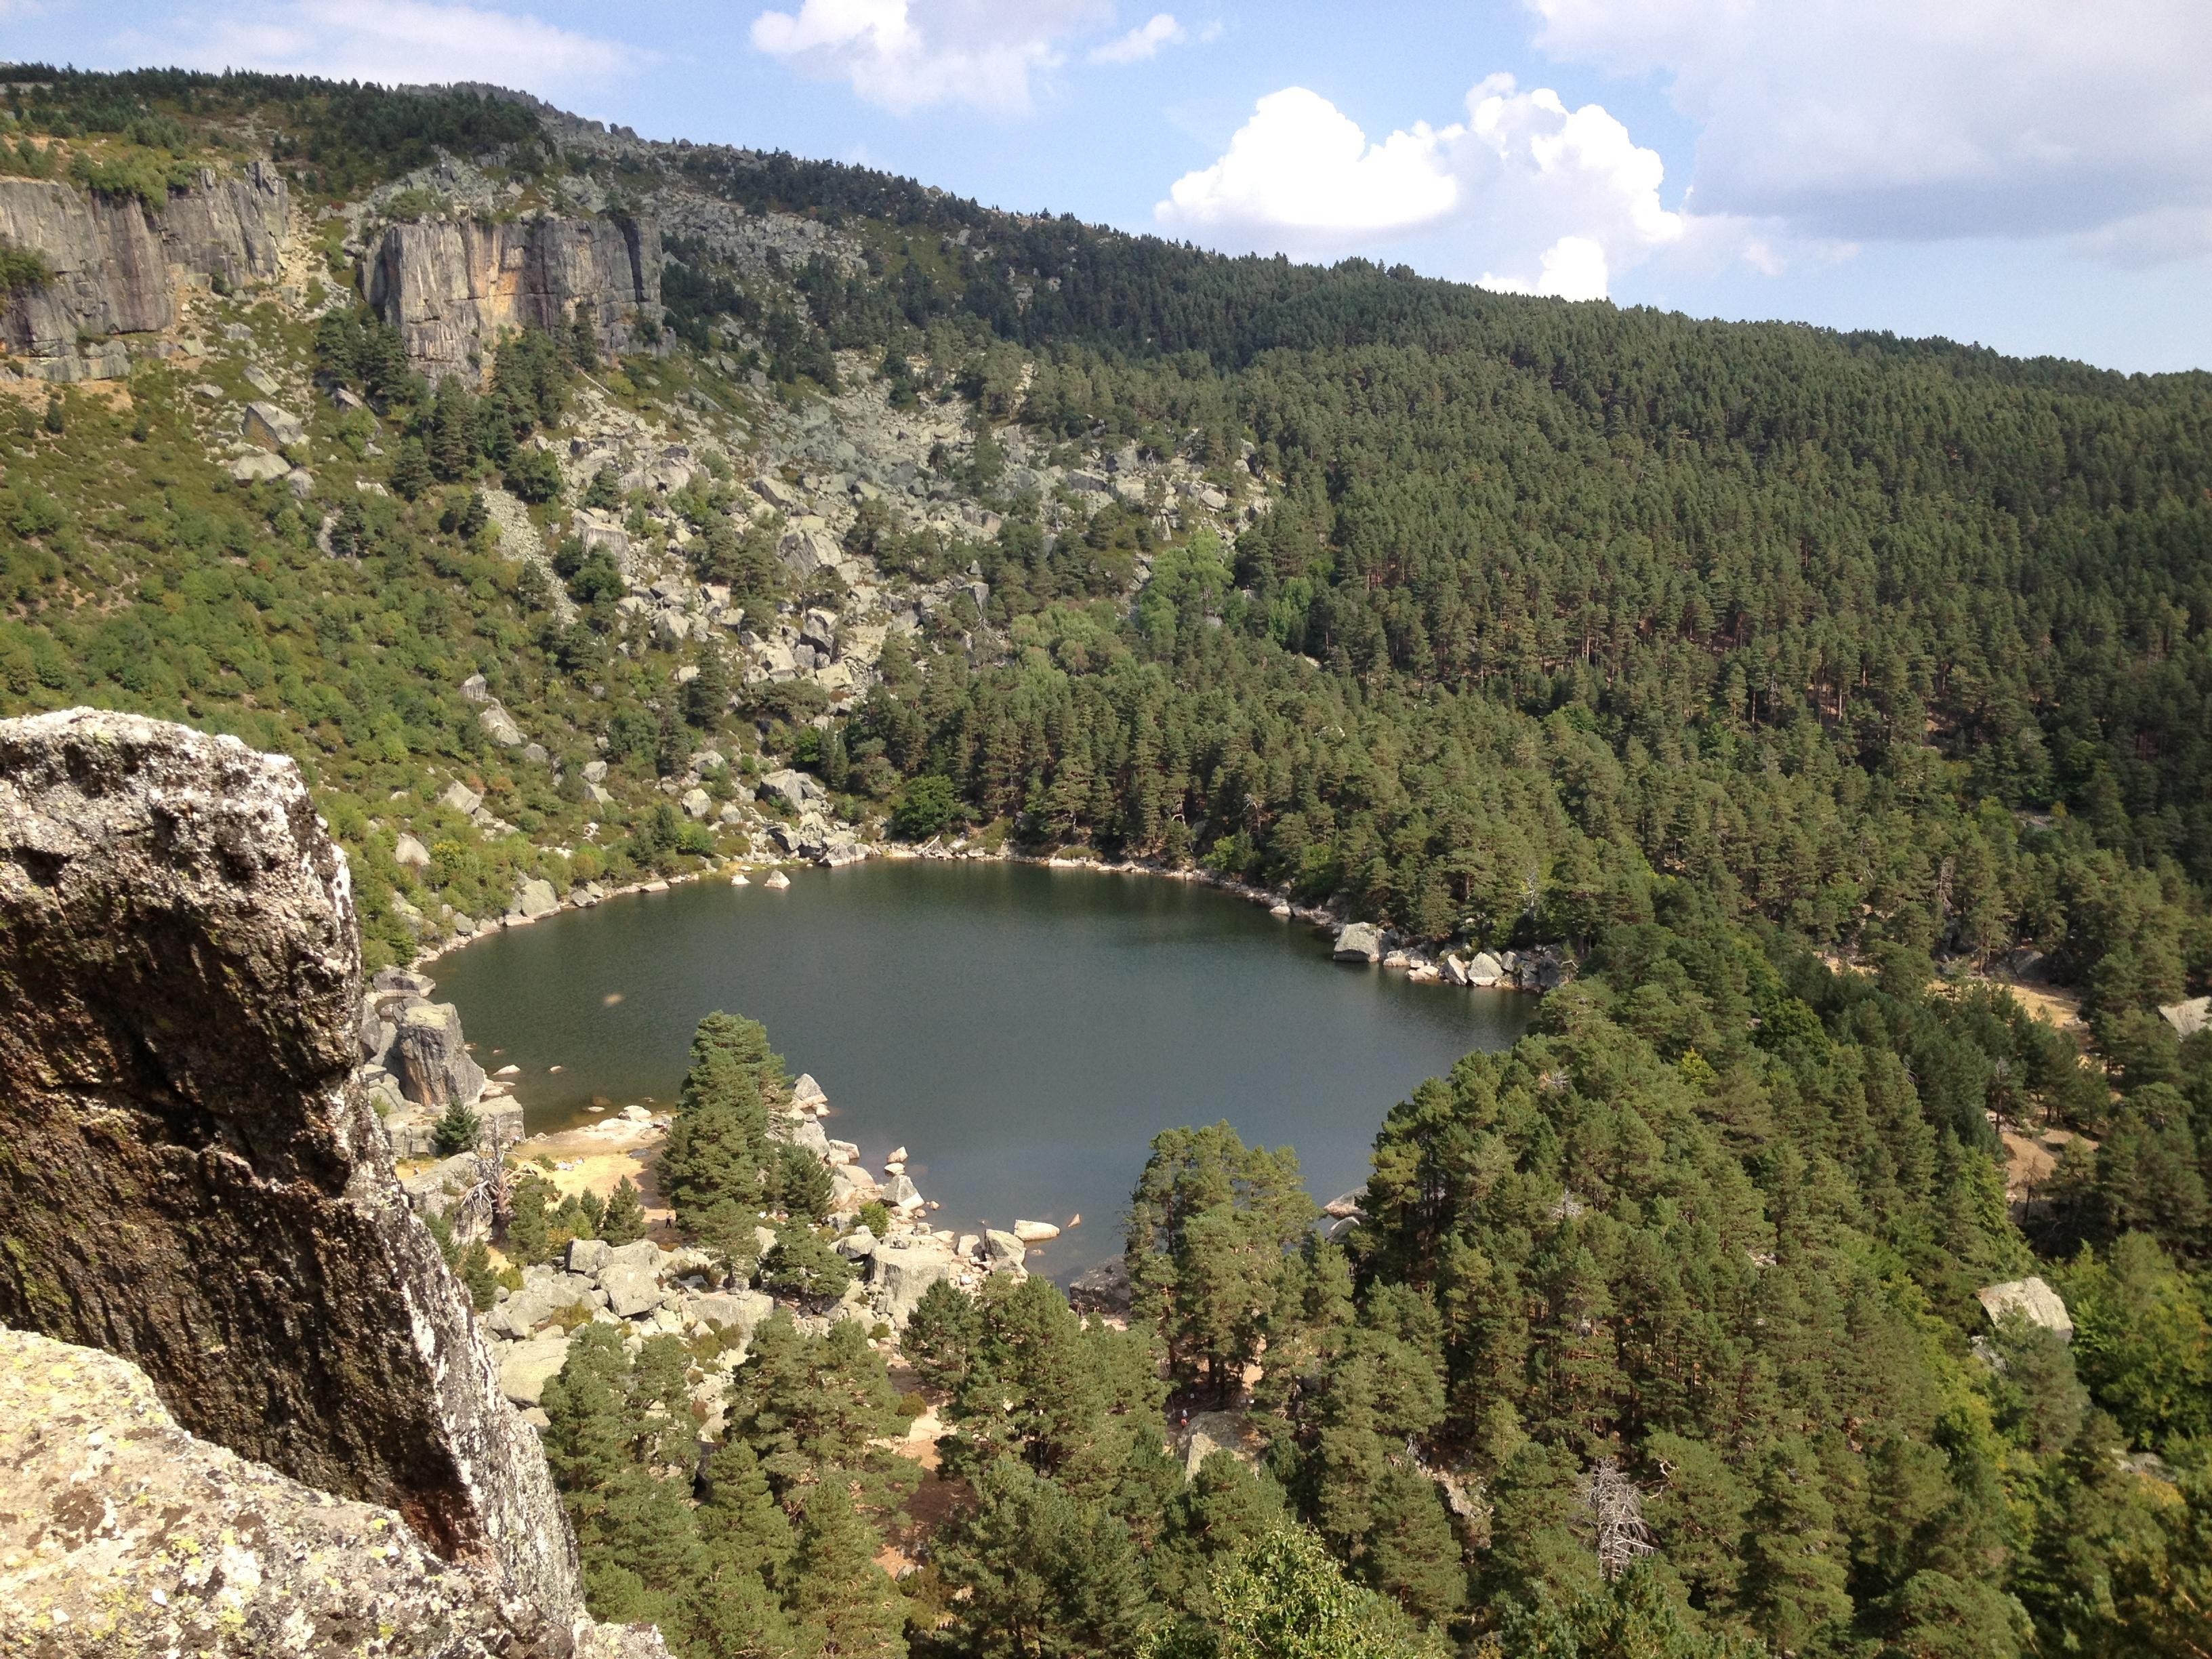 Parque Natural 'Laguna Negra y Circos Glaciares de Urbión'